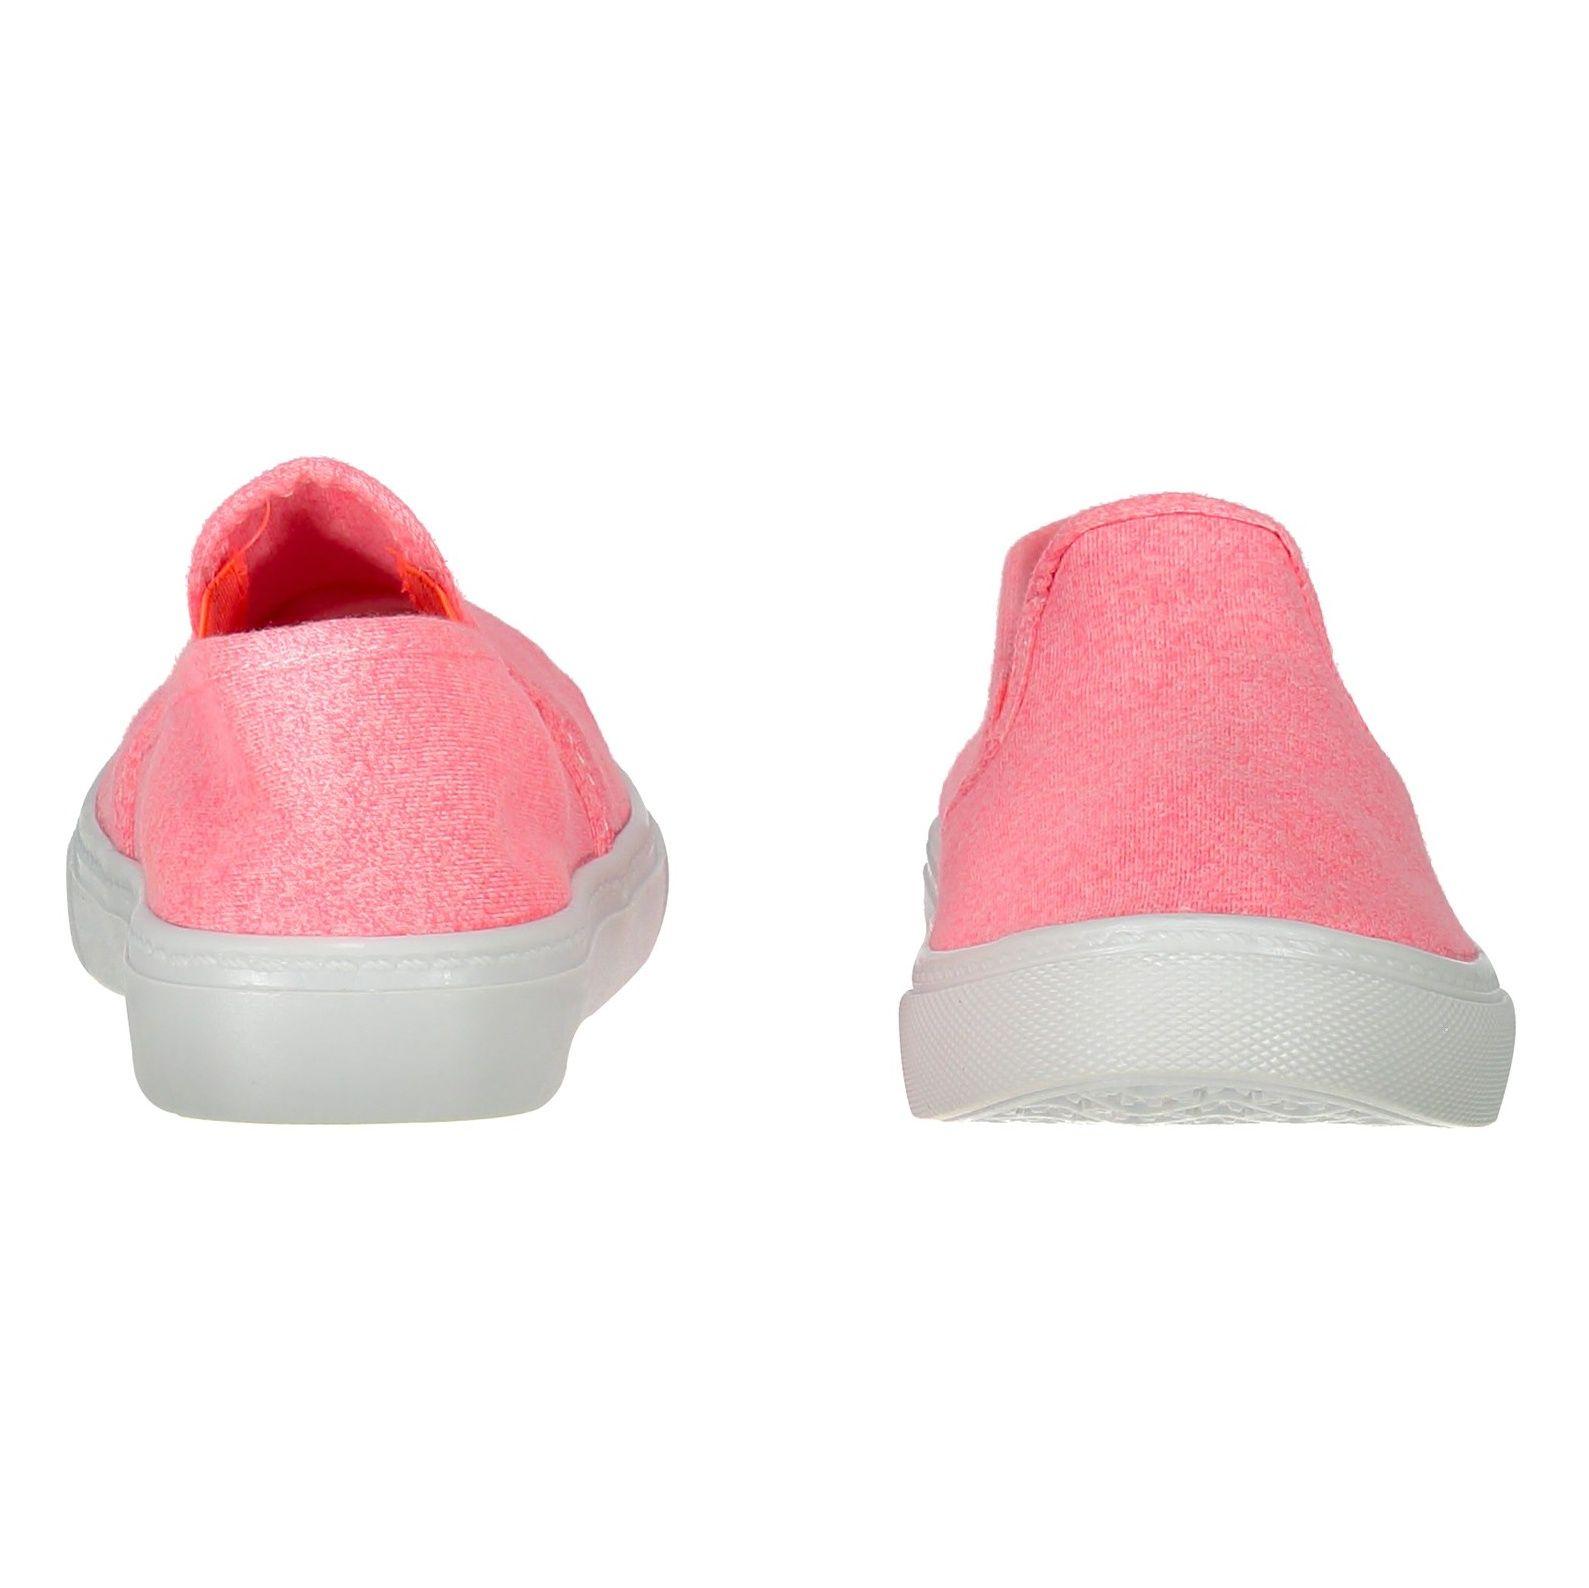 کفش تخت پارچه ای زنانه - ال سی وایکیکی - صورتي - 5